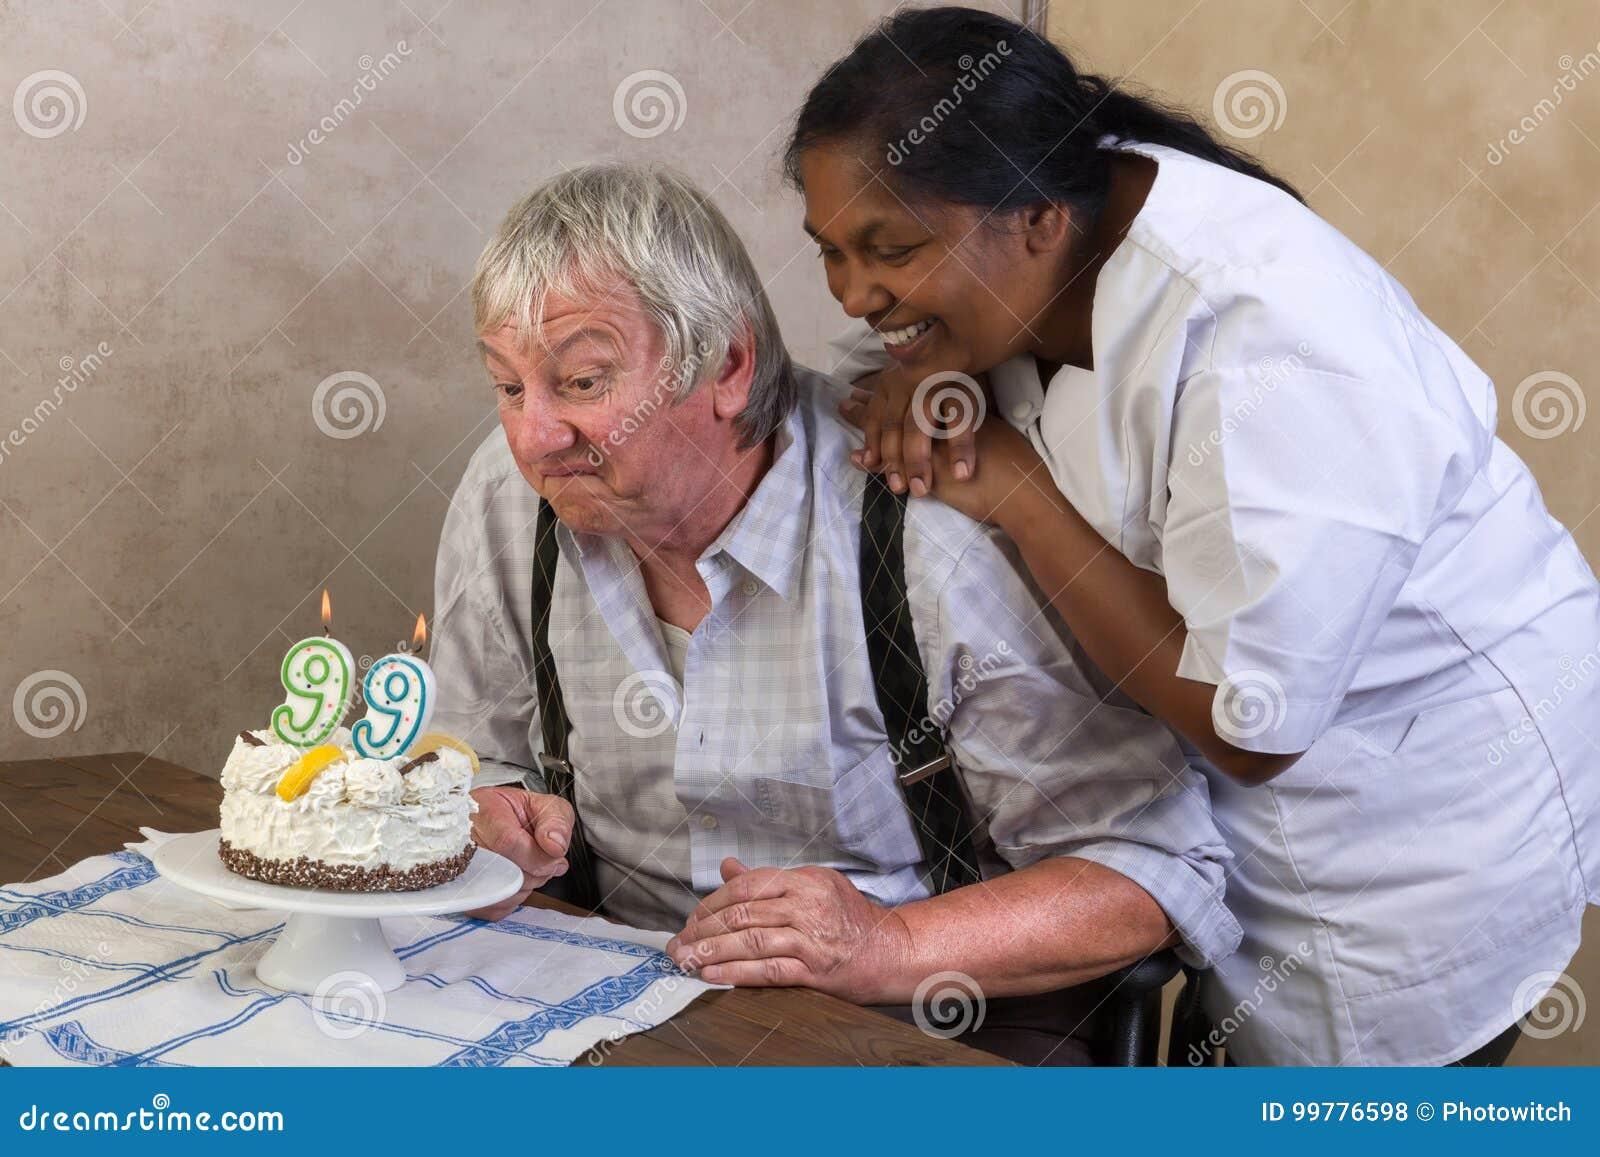 Szczęśliwi 99 urodzinowy tort